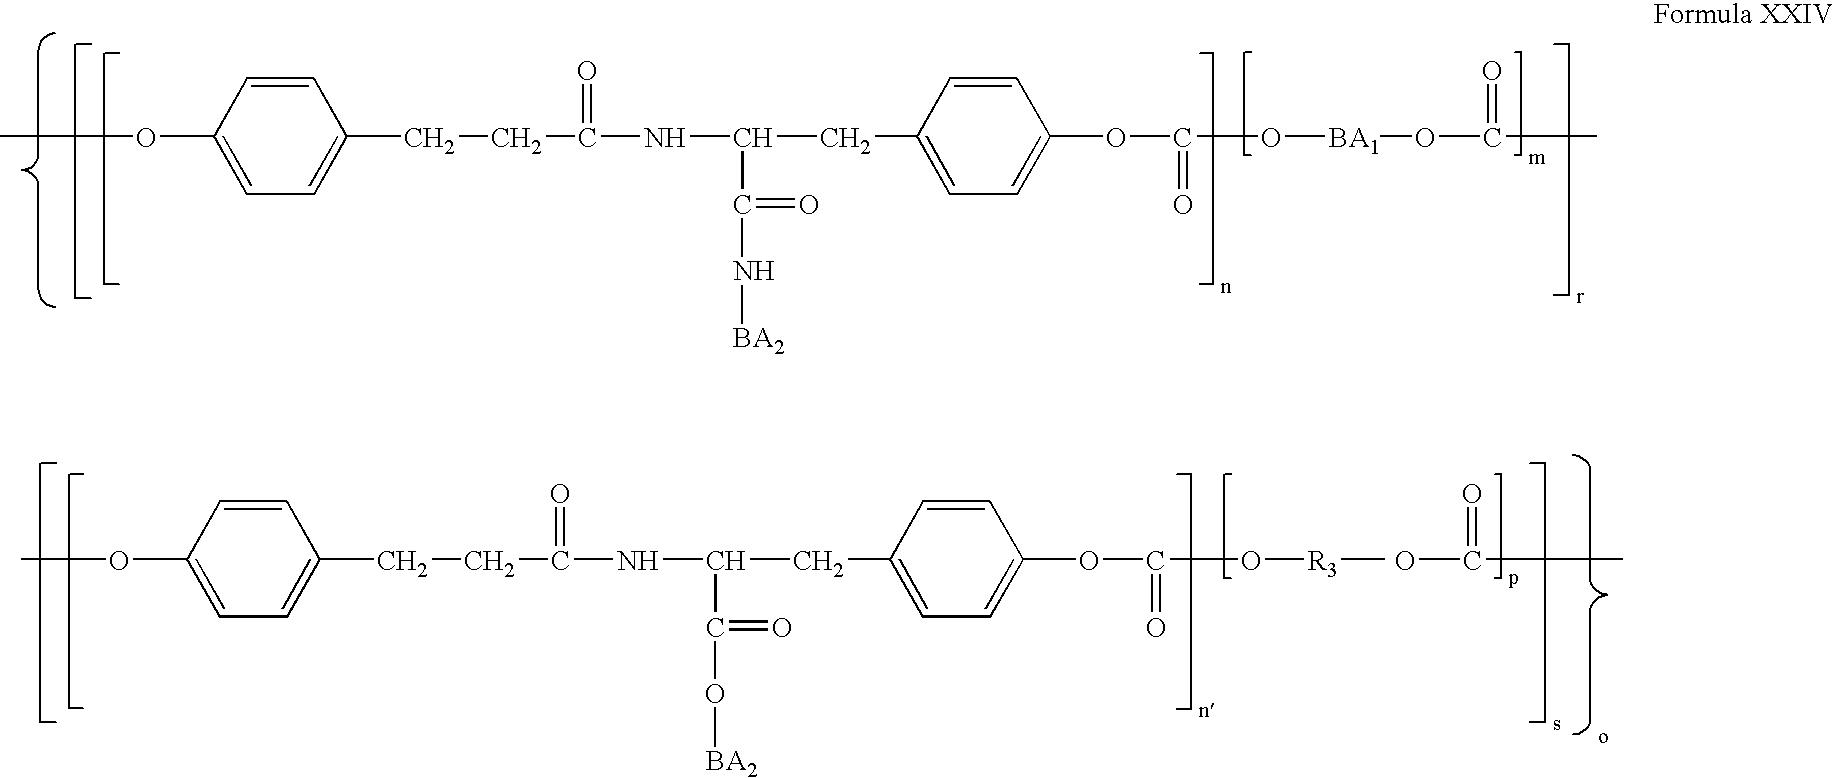 Figure US20060115449A1-20060601-C00021